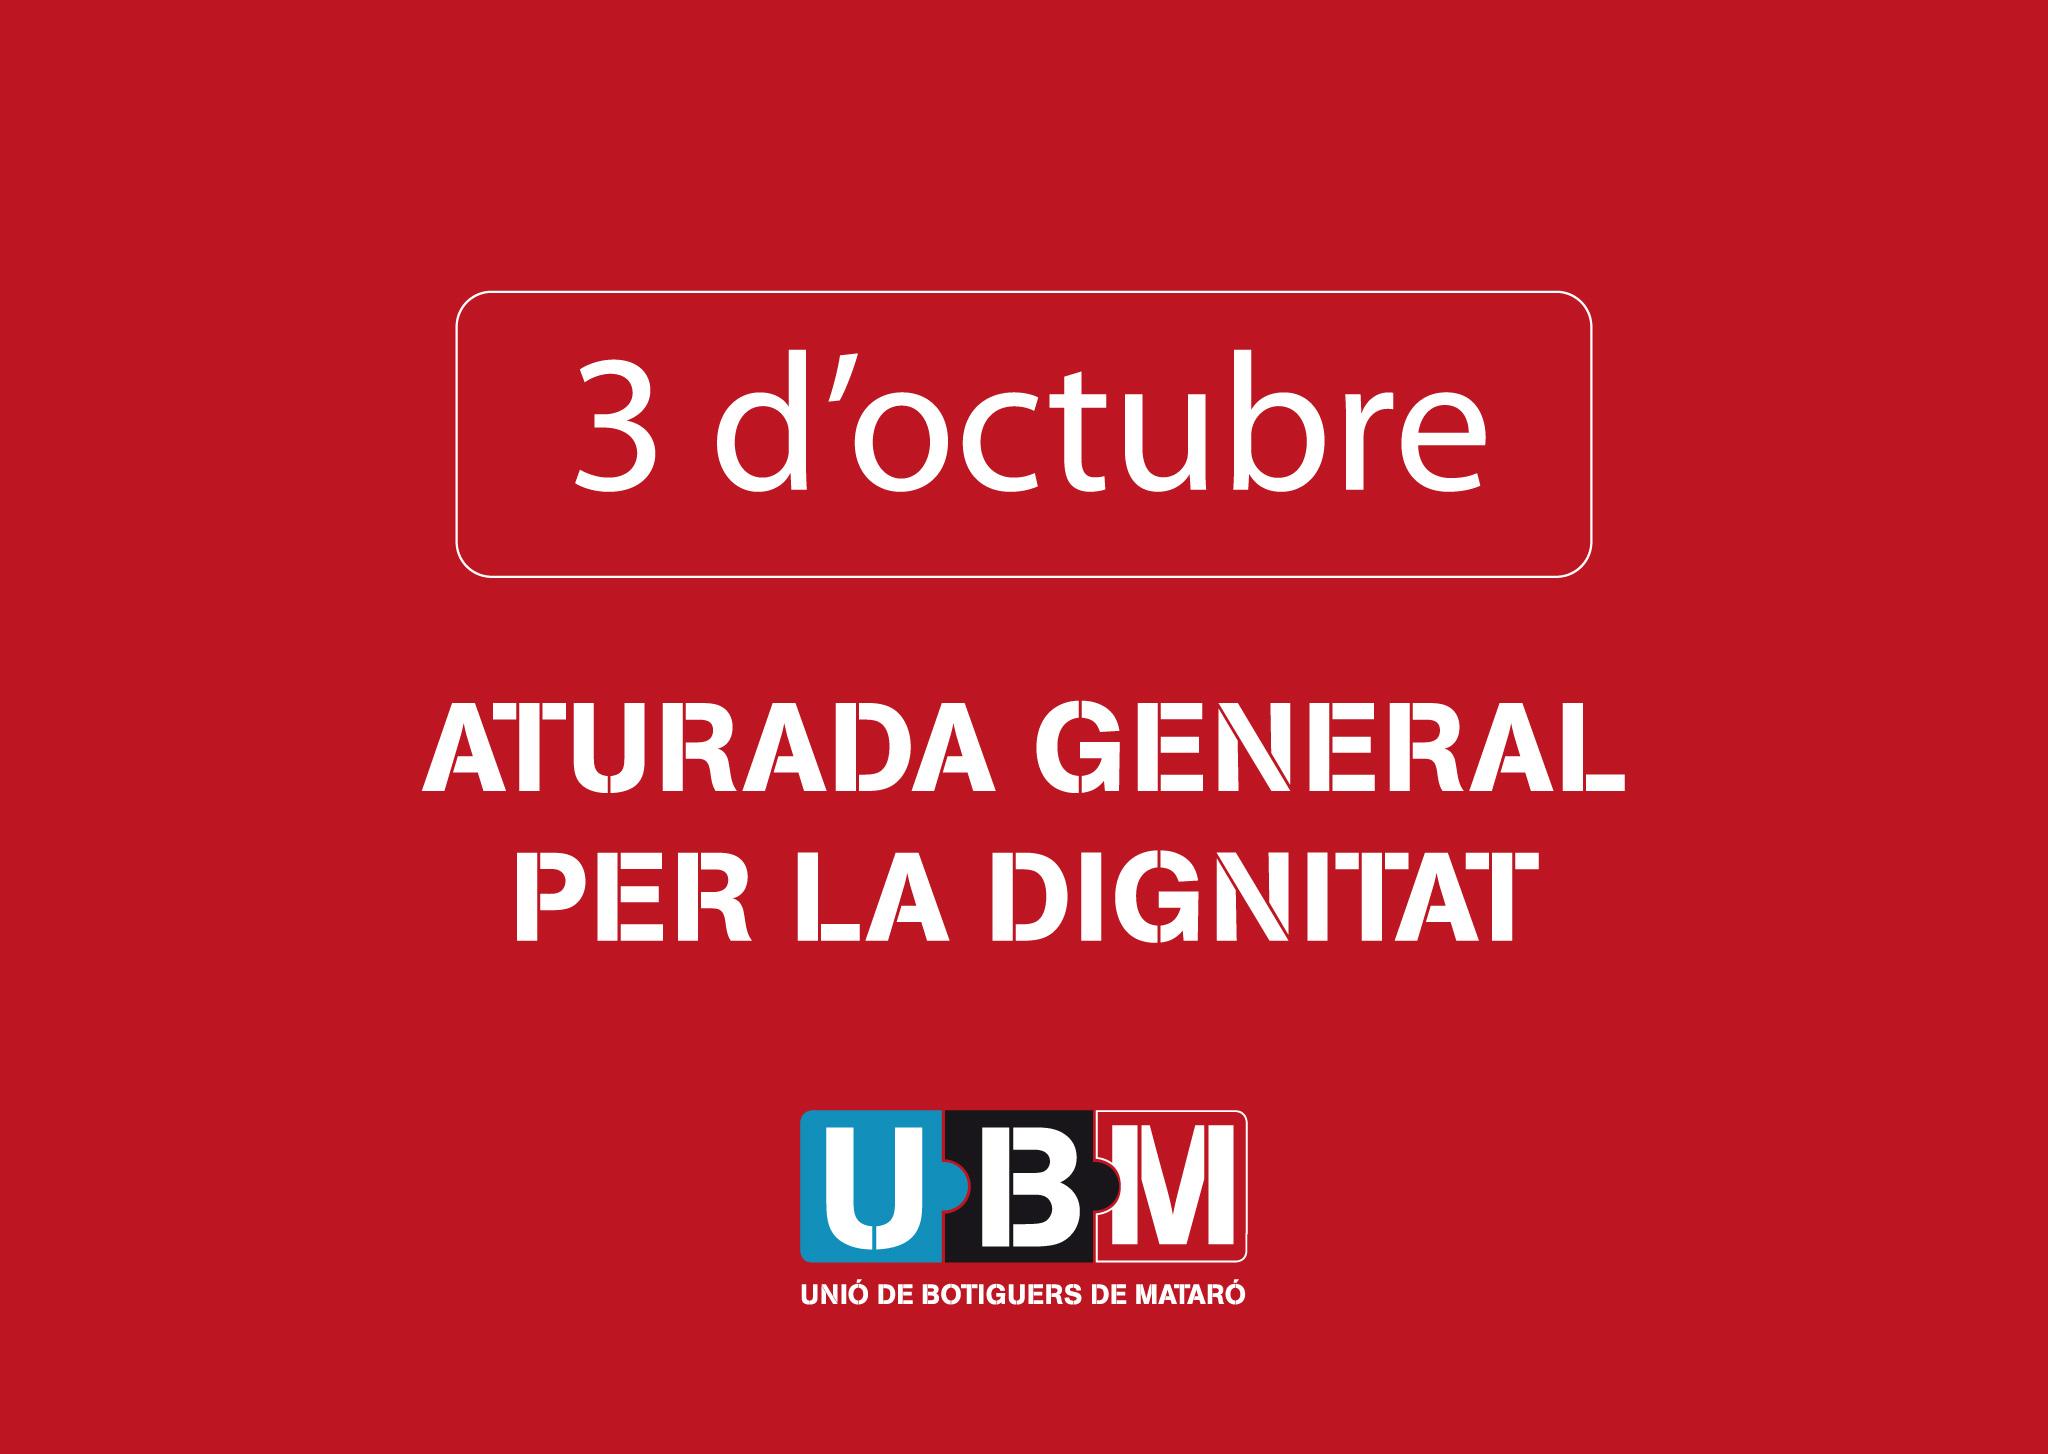 La UBM Se Suma A L'aturada General Per La Dignitat